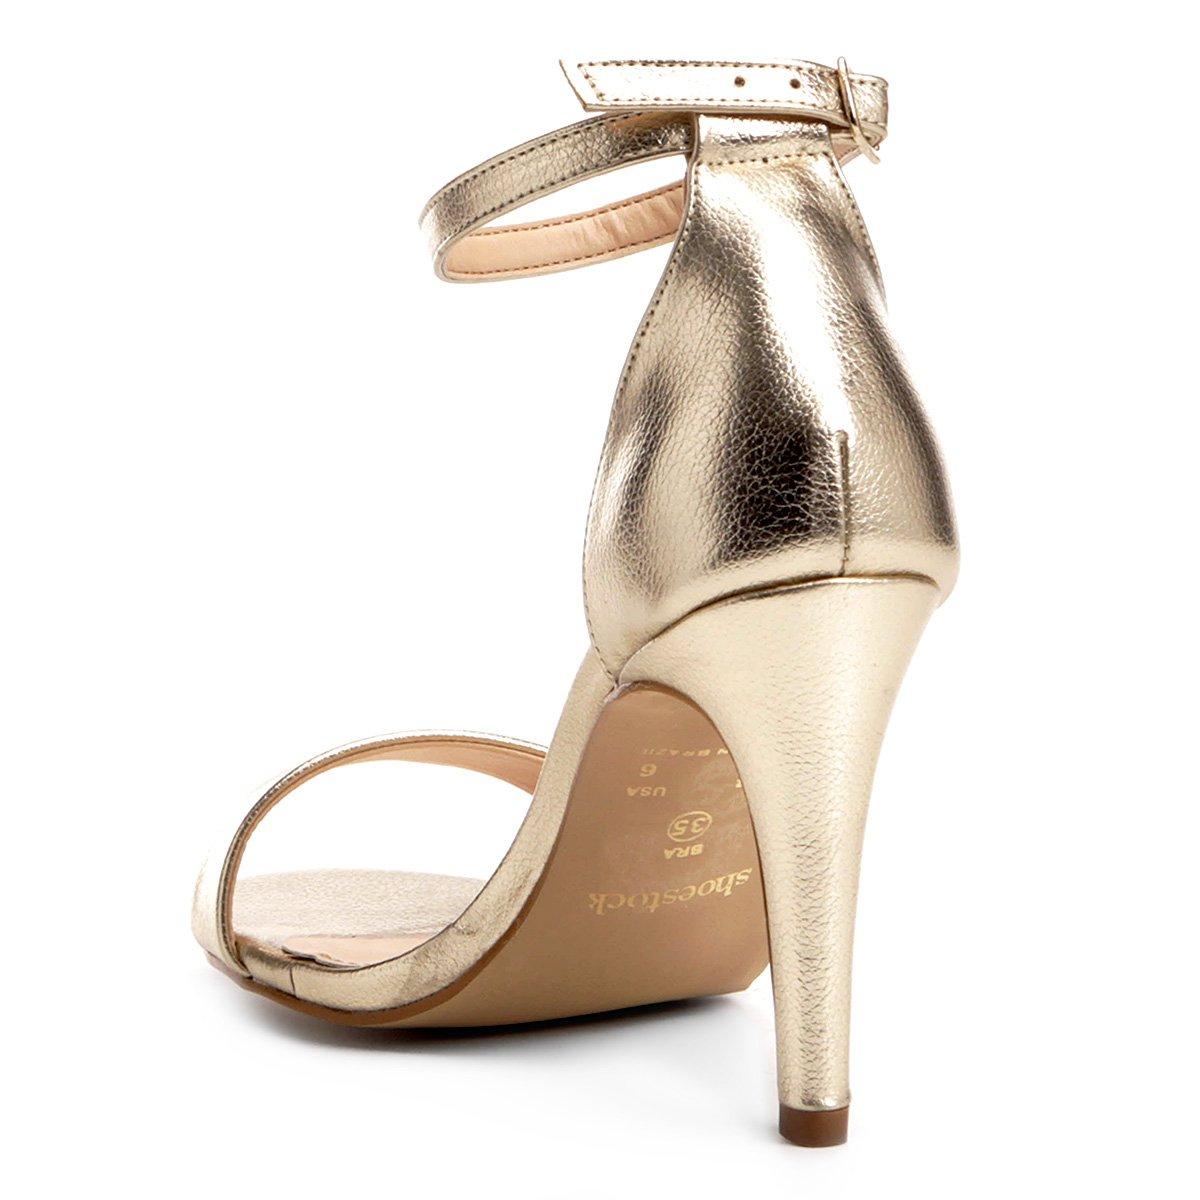 cae213f69f ... Dourado Sandália Shoestock Couro Salto Couro Feminina Sandália Fino  Salto Shoestock Naked Swvtq ...